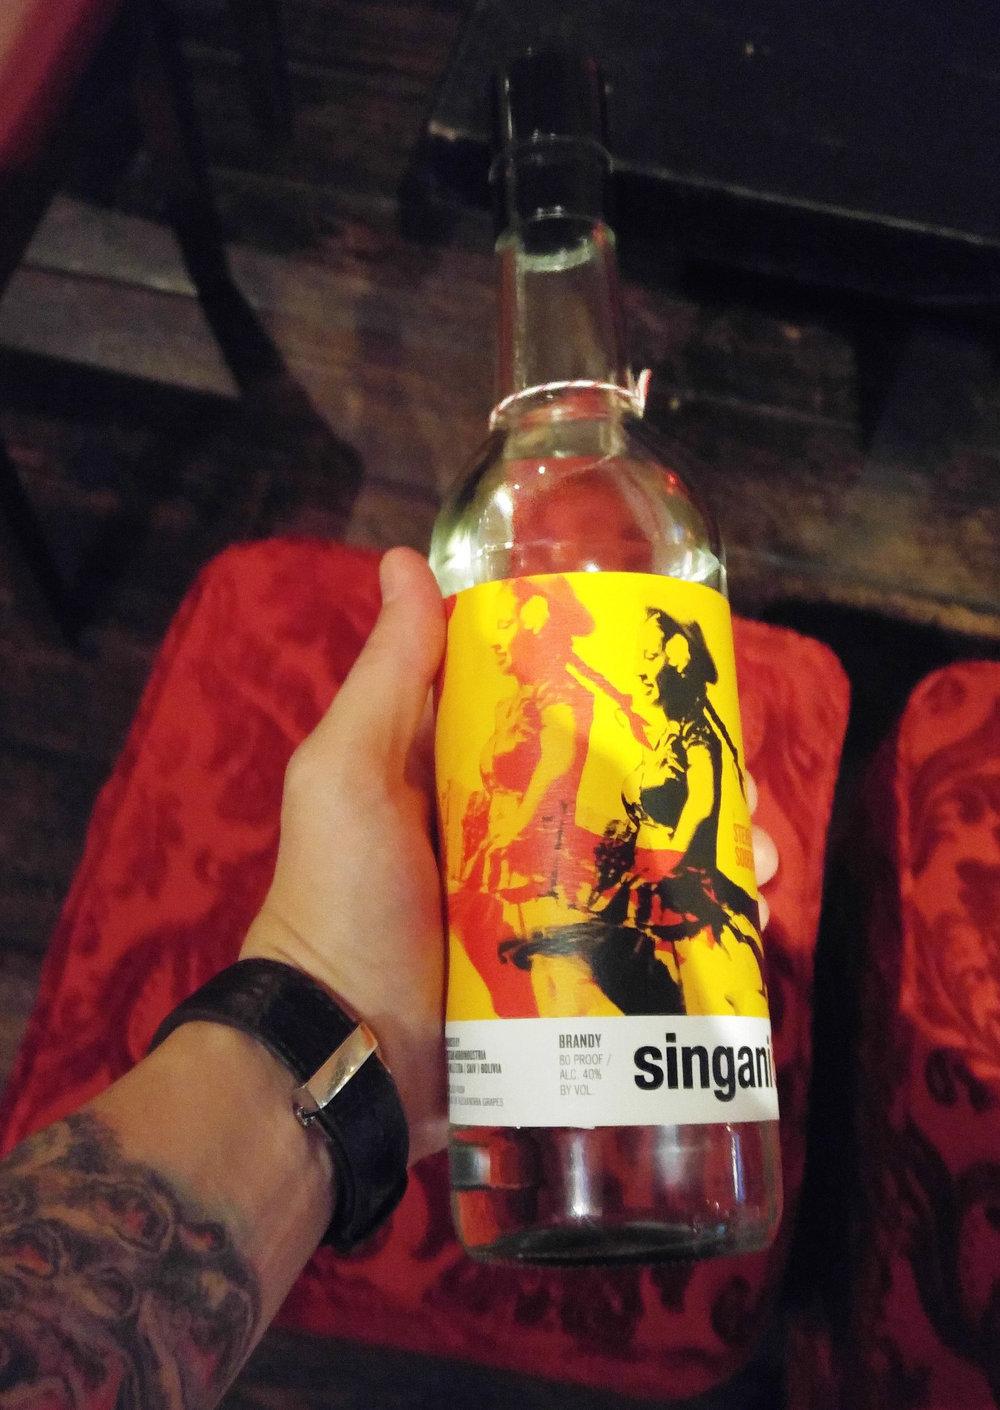 Singani-63-bottle.jpg